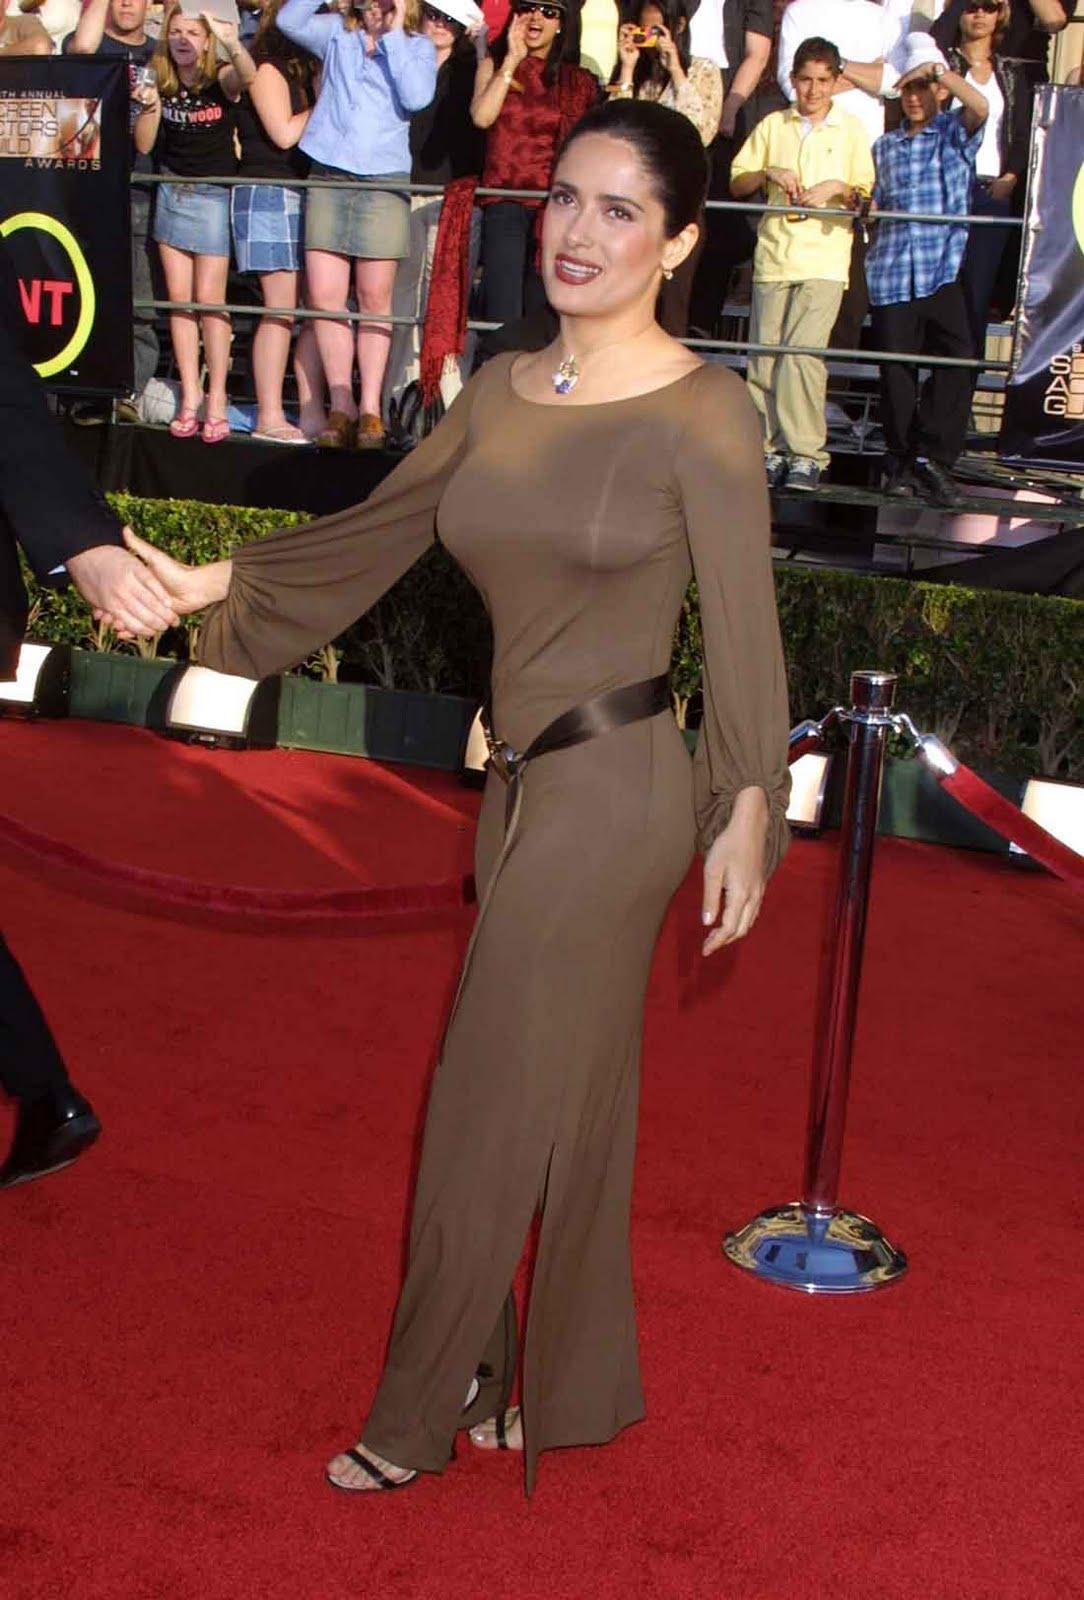 http://3.bp.blogspot.com/-xQM9aYFYUKE/Tfz-0Q14JzI/AAAAAAAAAtU/vq5iT1-PpeQ/s1600/Salma-Hayek-hot-dress4.jpg